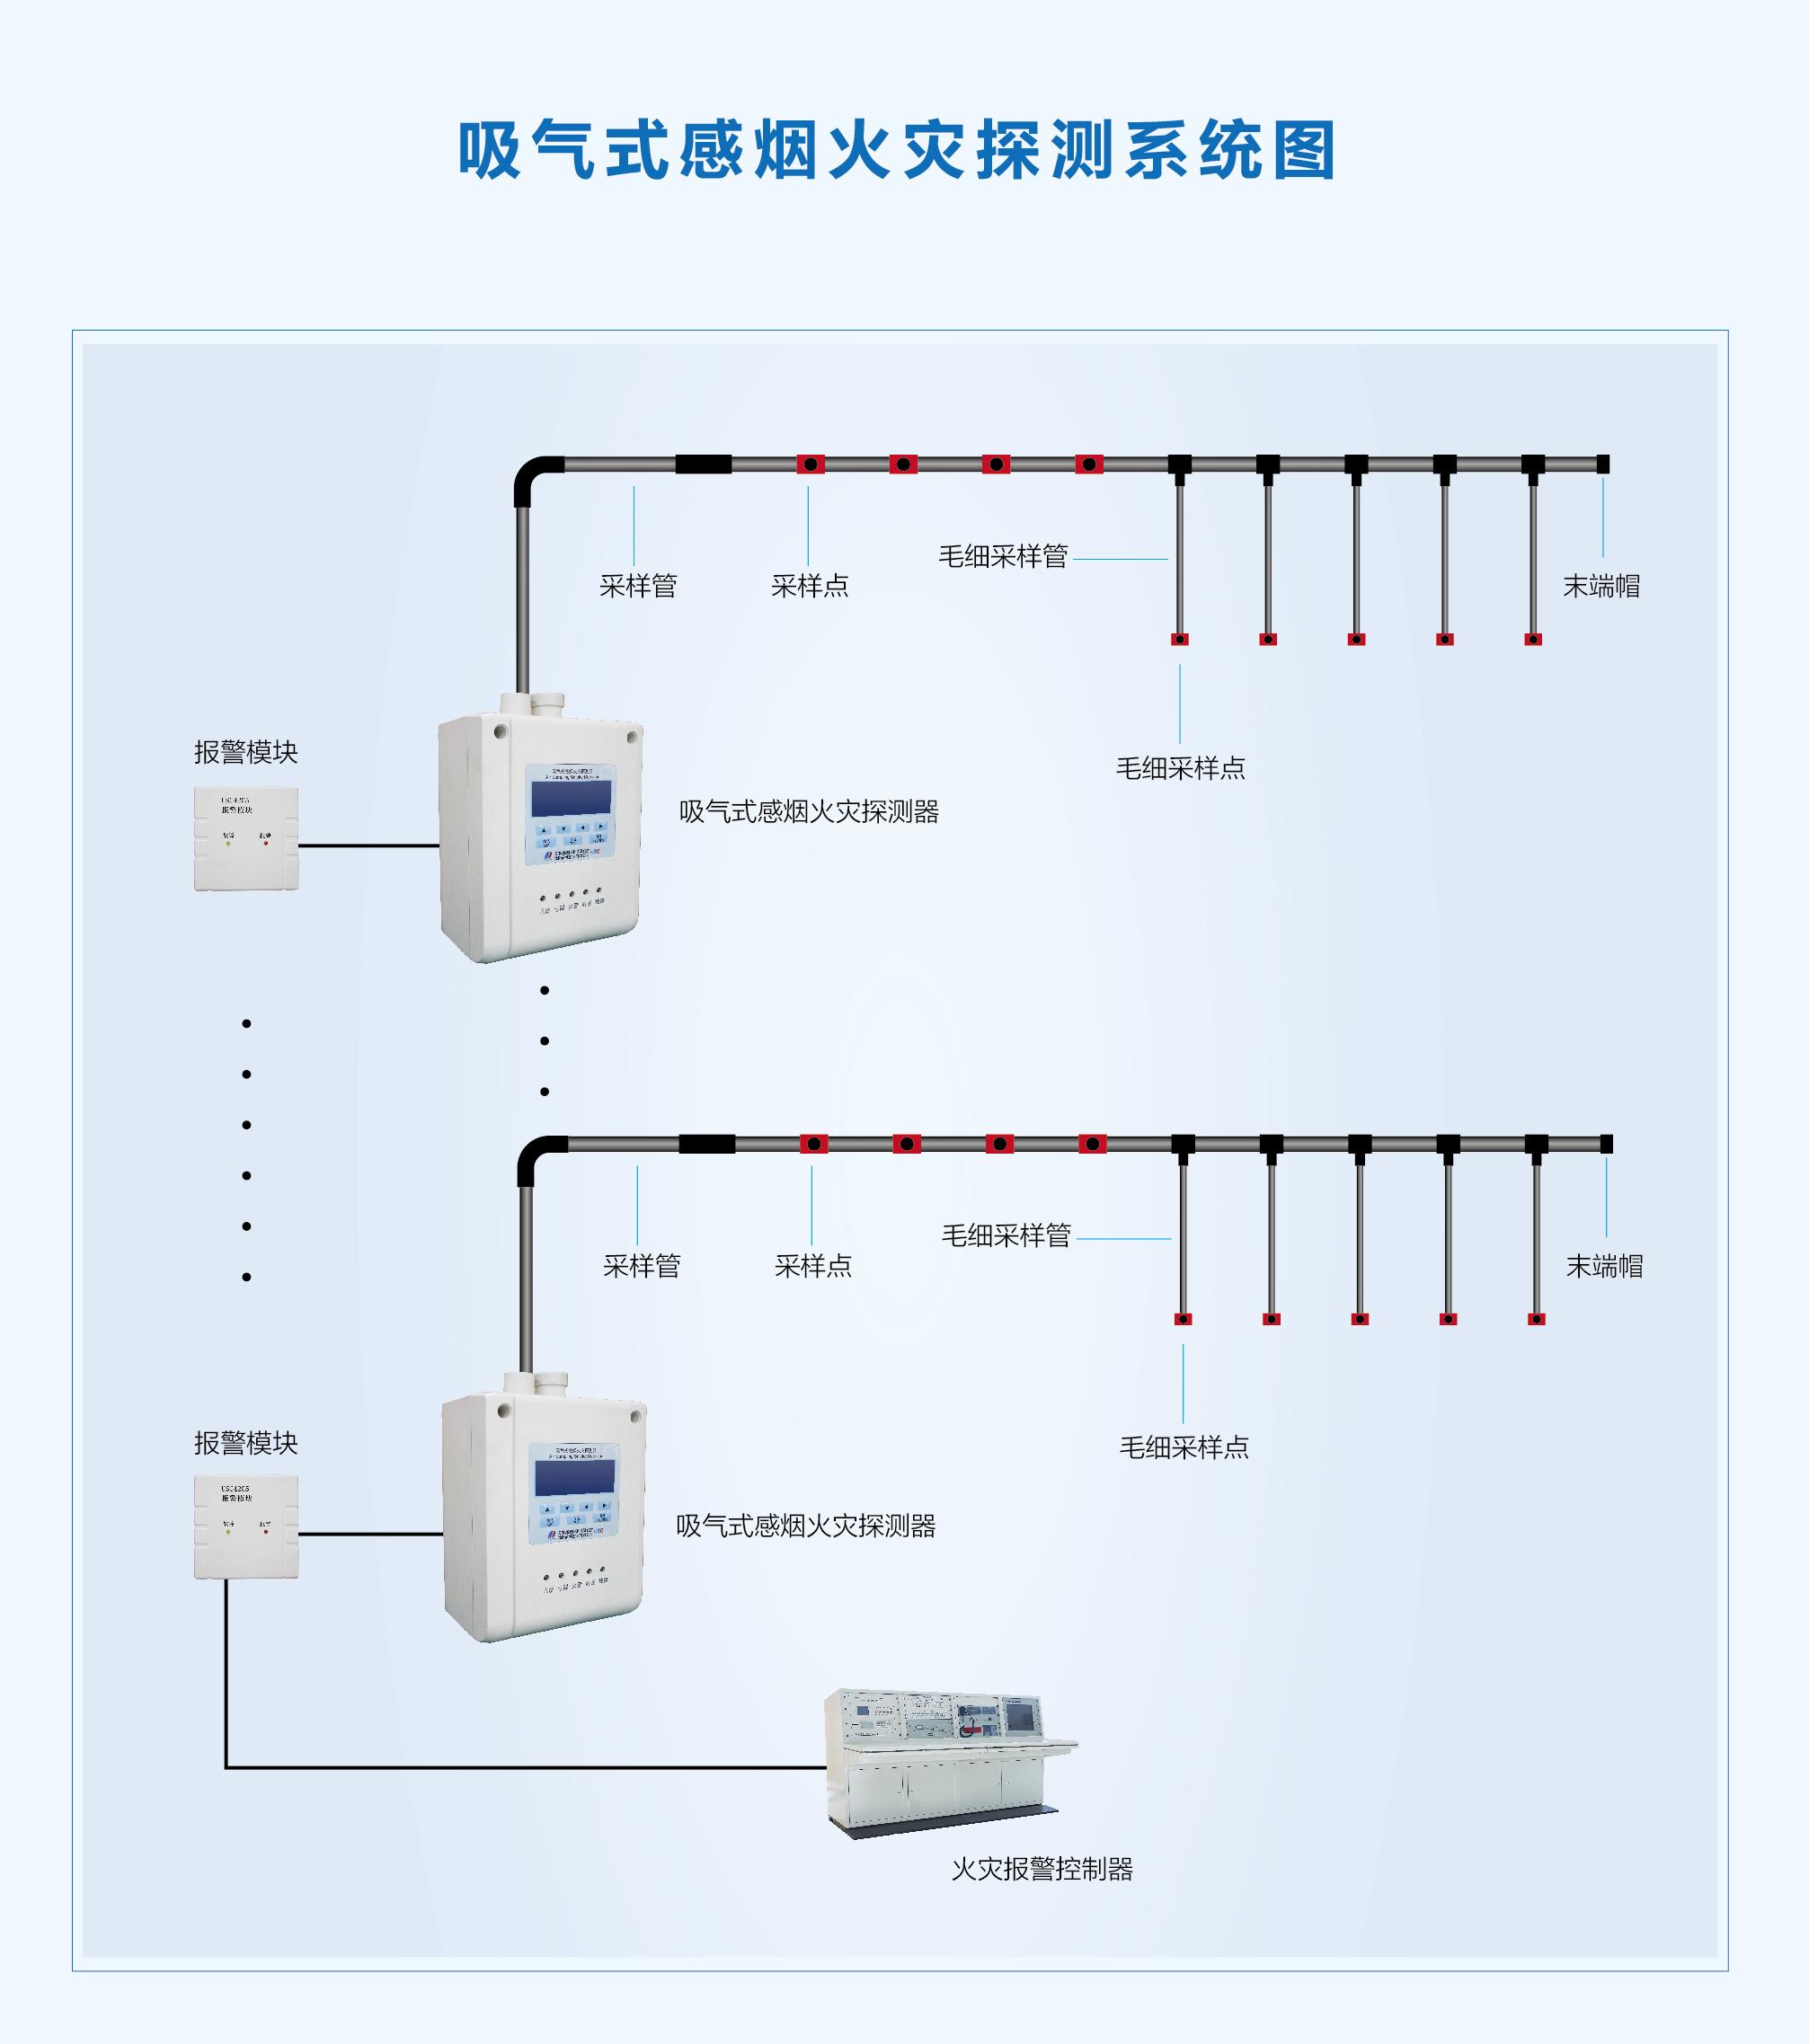 吸气式感烟火灾探测器系统图